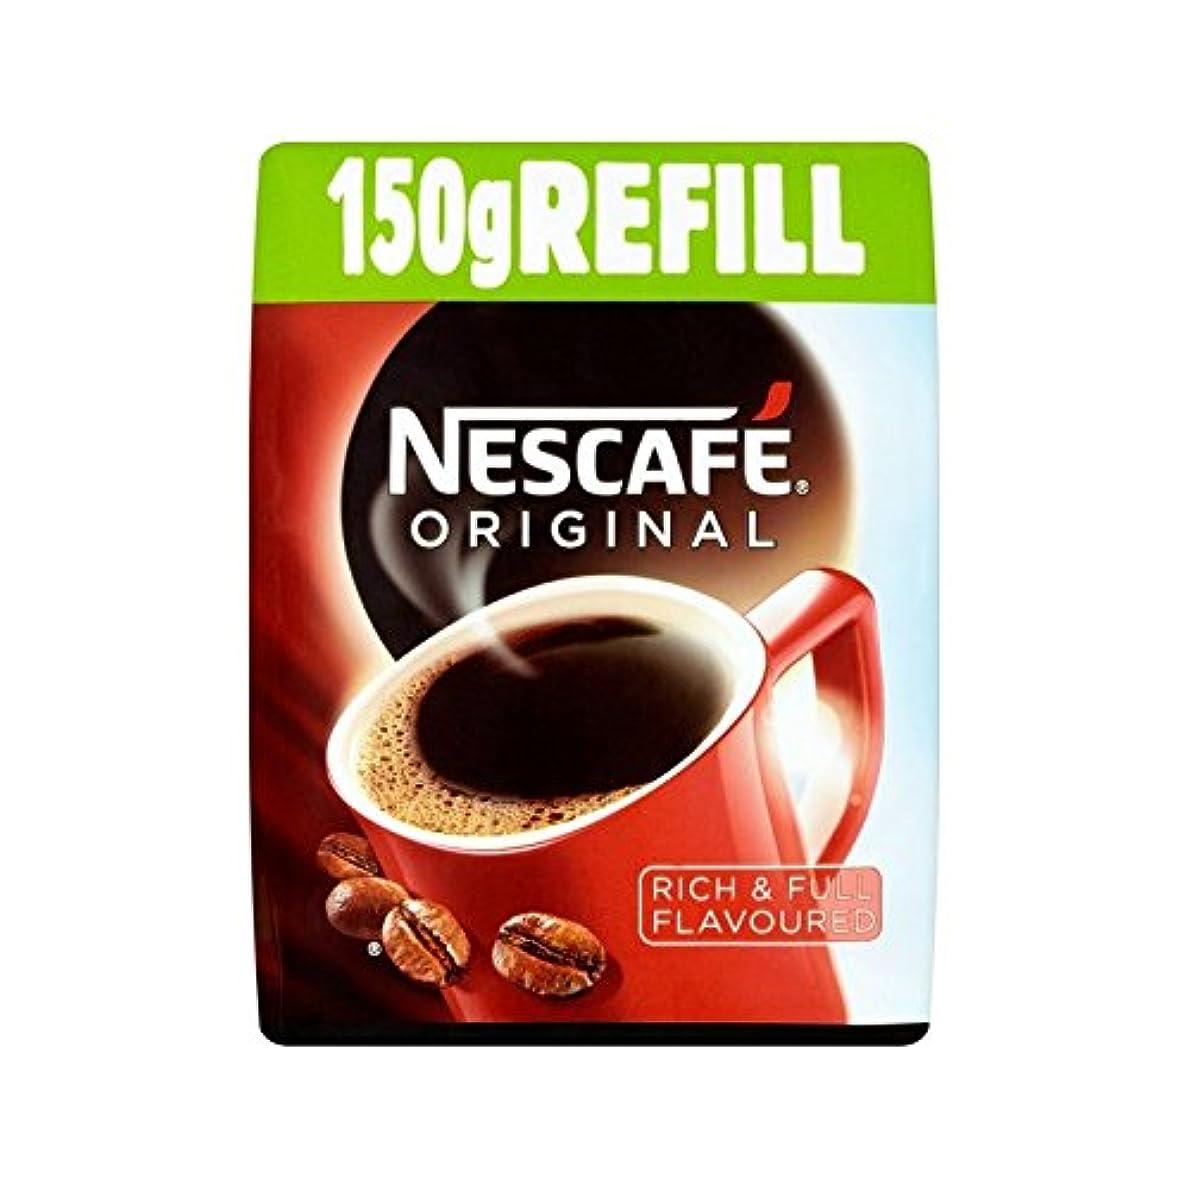 白いゴールデン望むオリジナルのインスタントコーヒー詰め替え用150グラム (Nescafe) (x 4) - Nescafe Original Instant Coffee Refill 150g (Pack of 4)